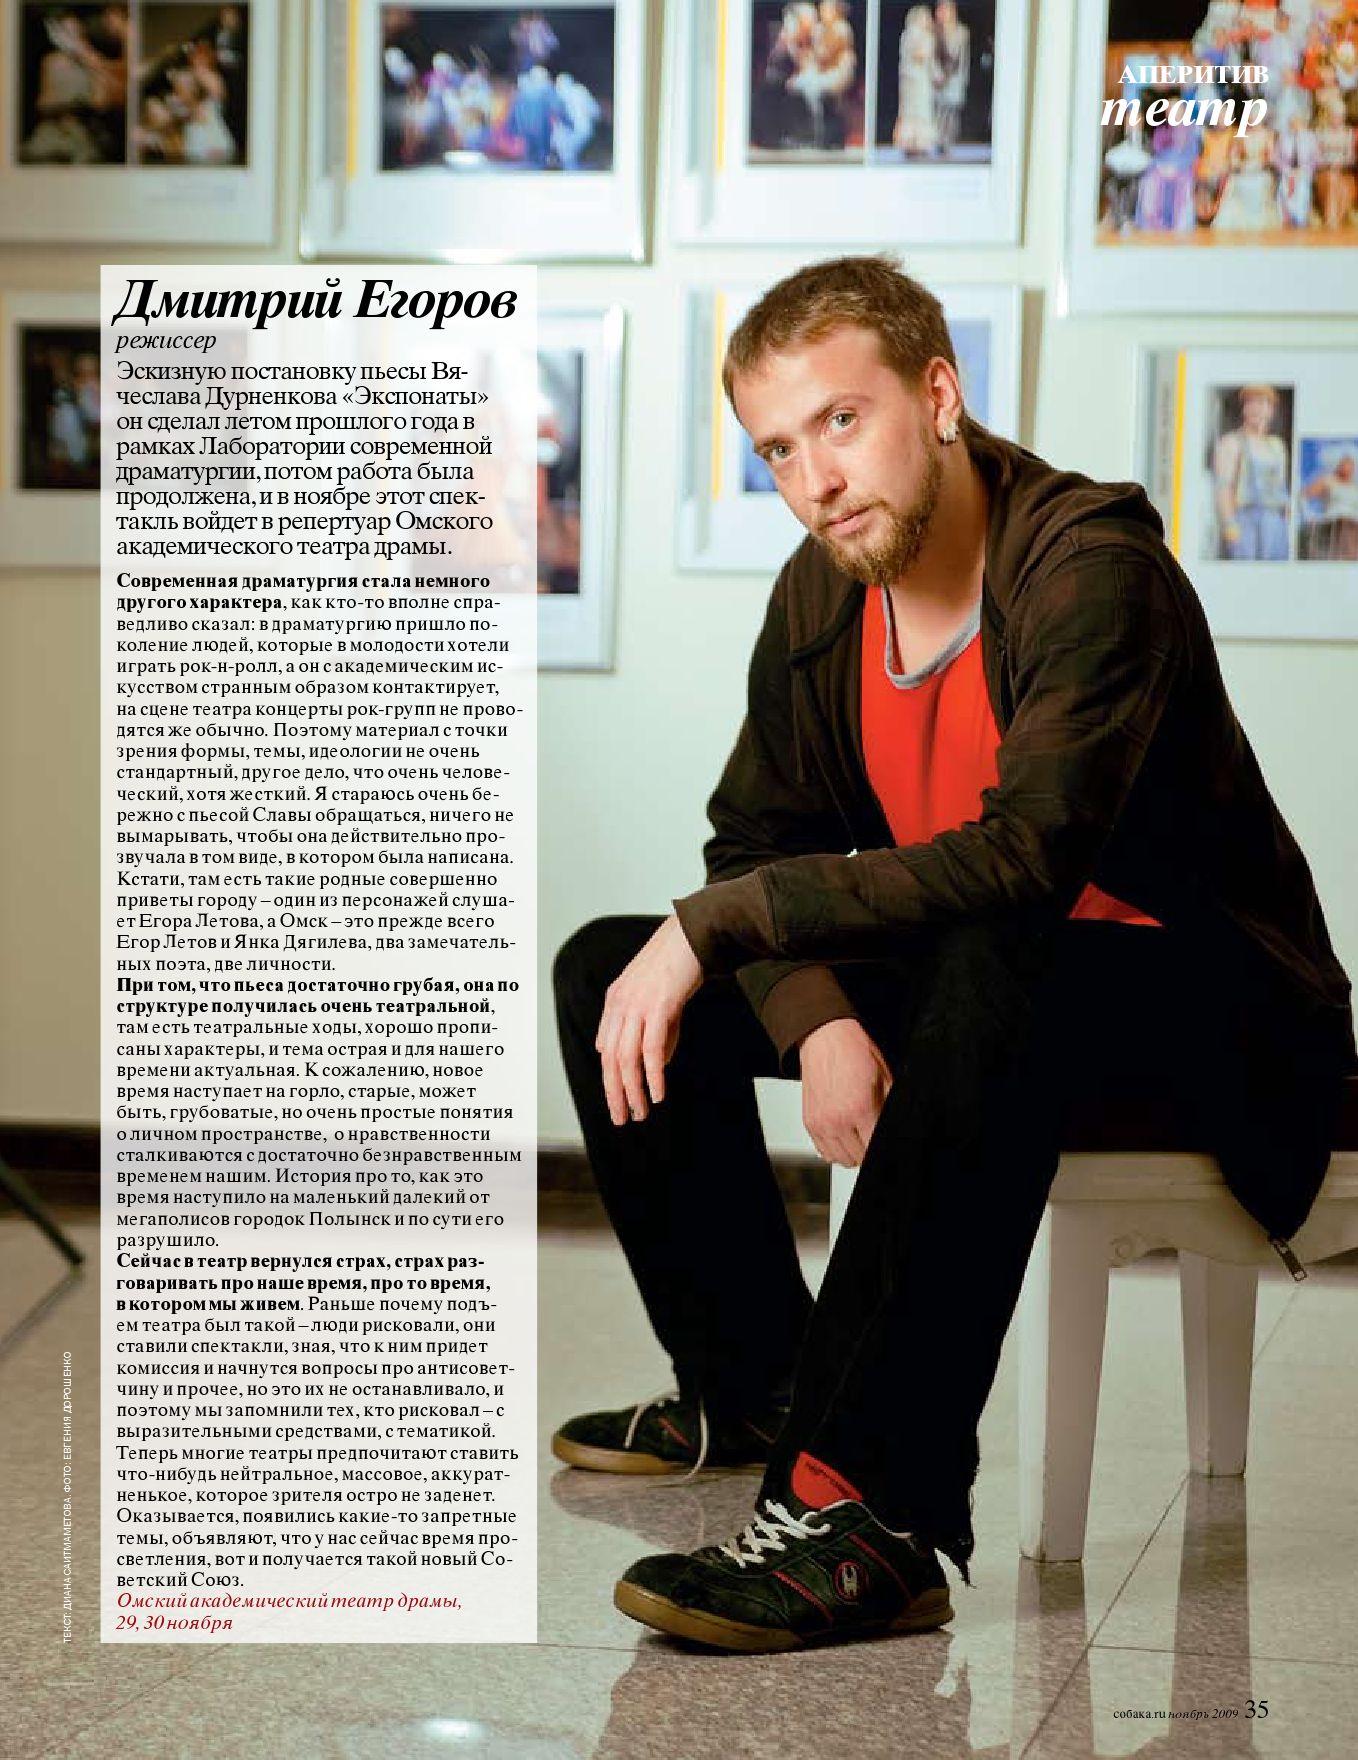 Дмитрий егоров режиссер фото